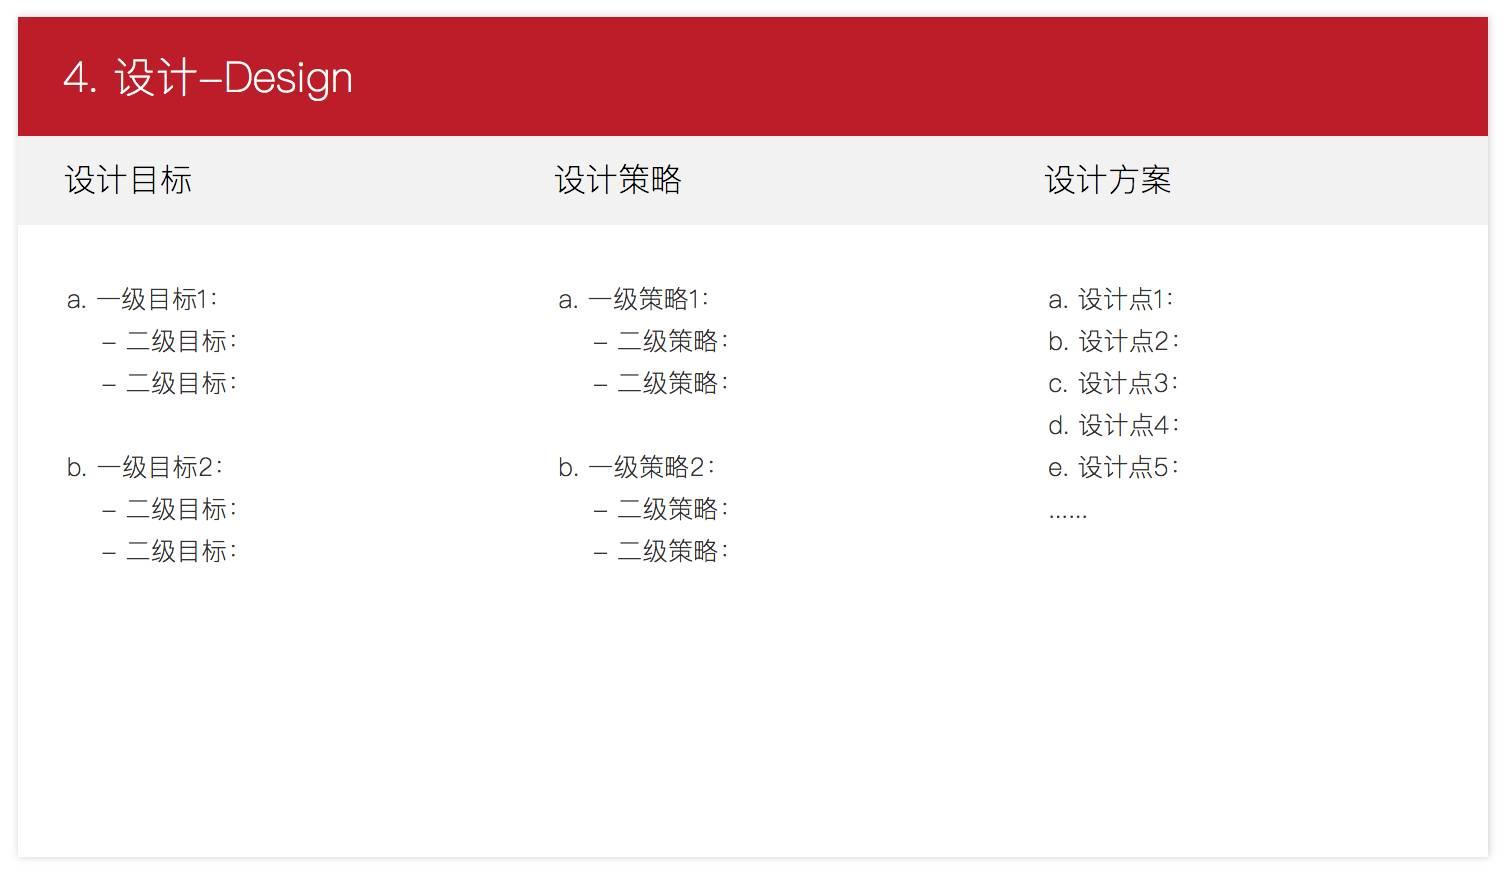 交互设计方法:GUCDR模型体系化的交互设计工具插图(5)